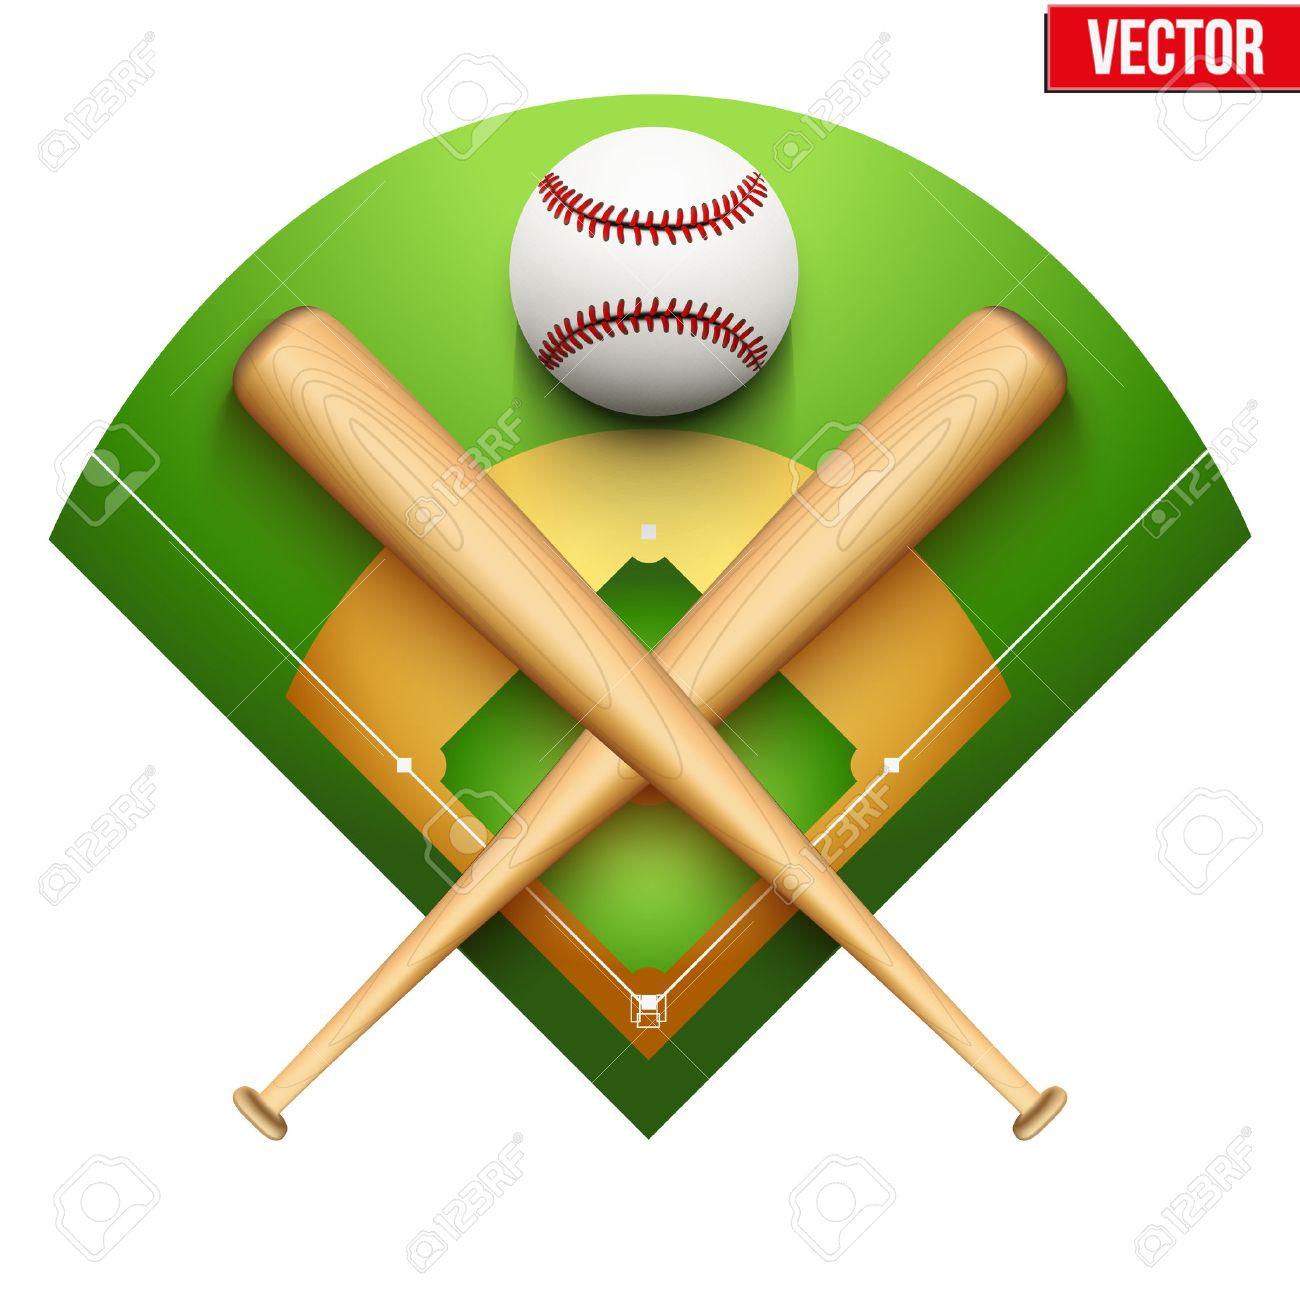 13049 Baseball Bat Cliparts Stock Vector And Royalty Free Baseball